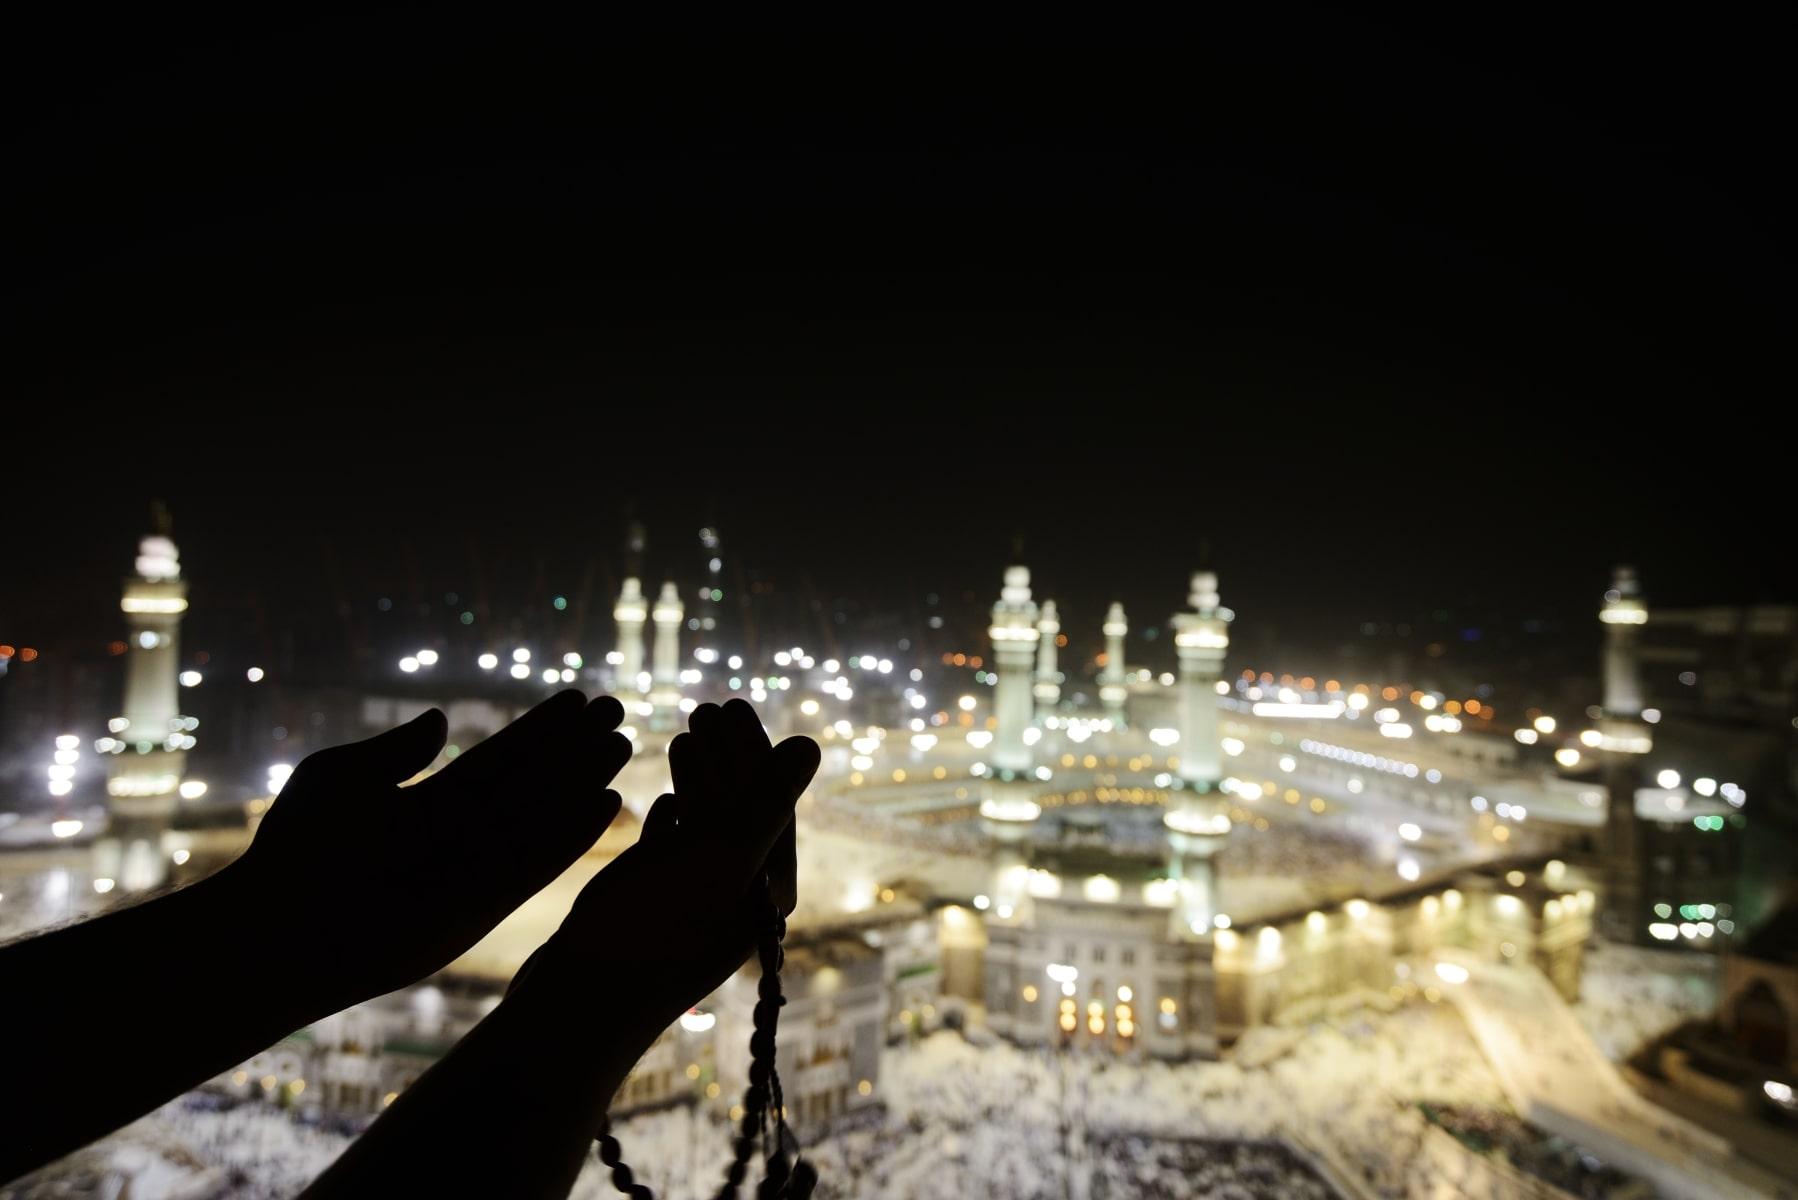 Zašto je nemuslimanima zabranjen ulazak u svete gradove – Mekku i Medinu?